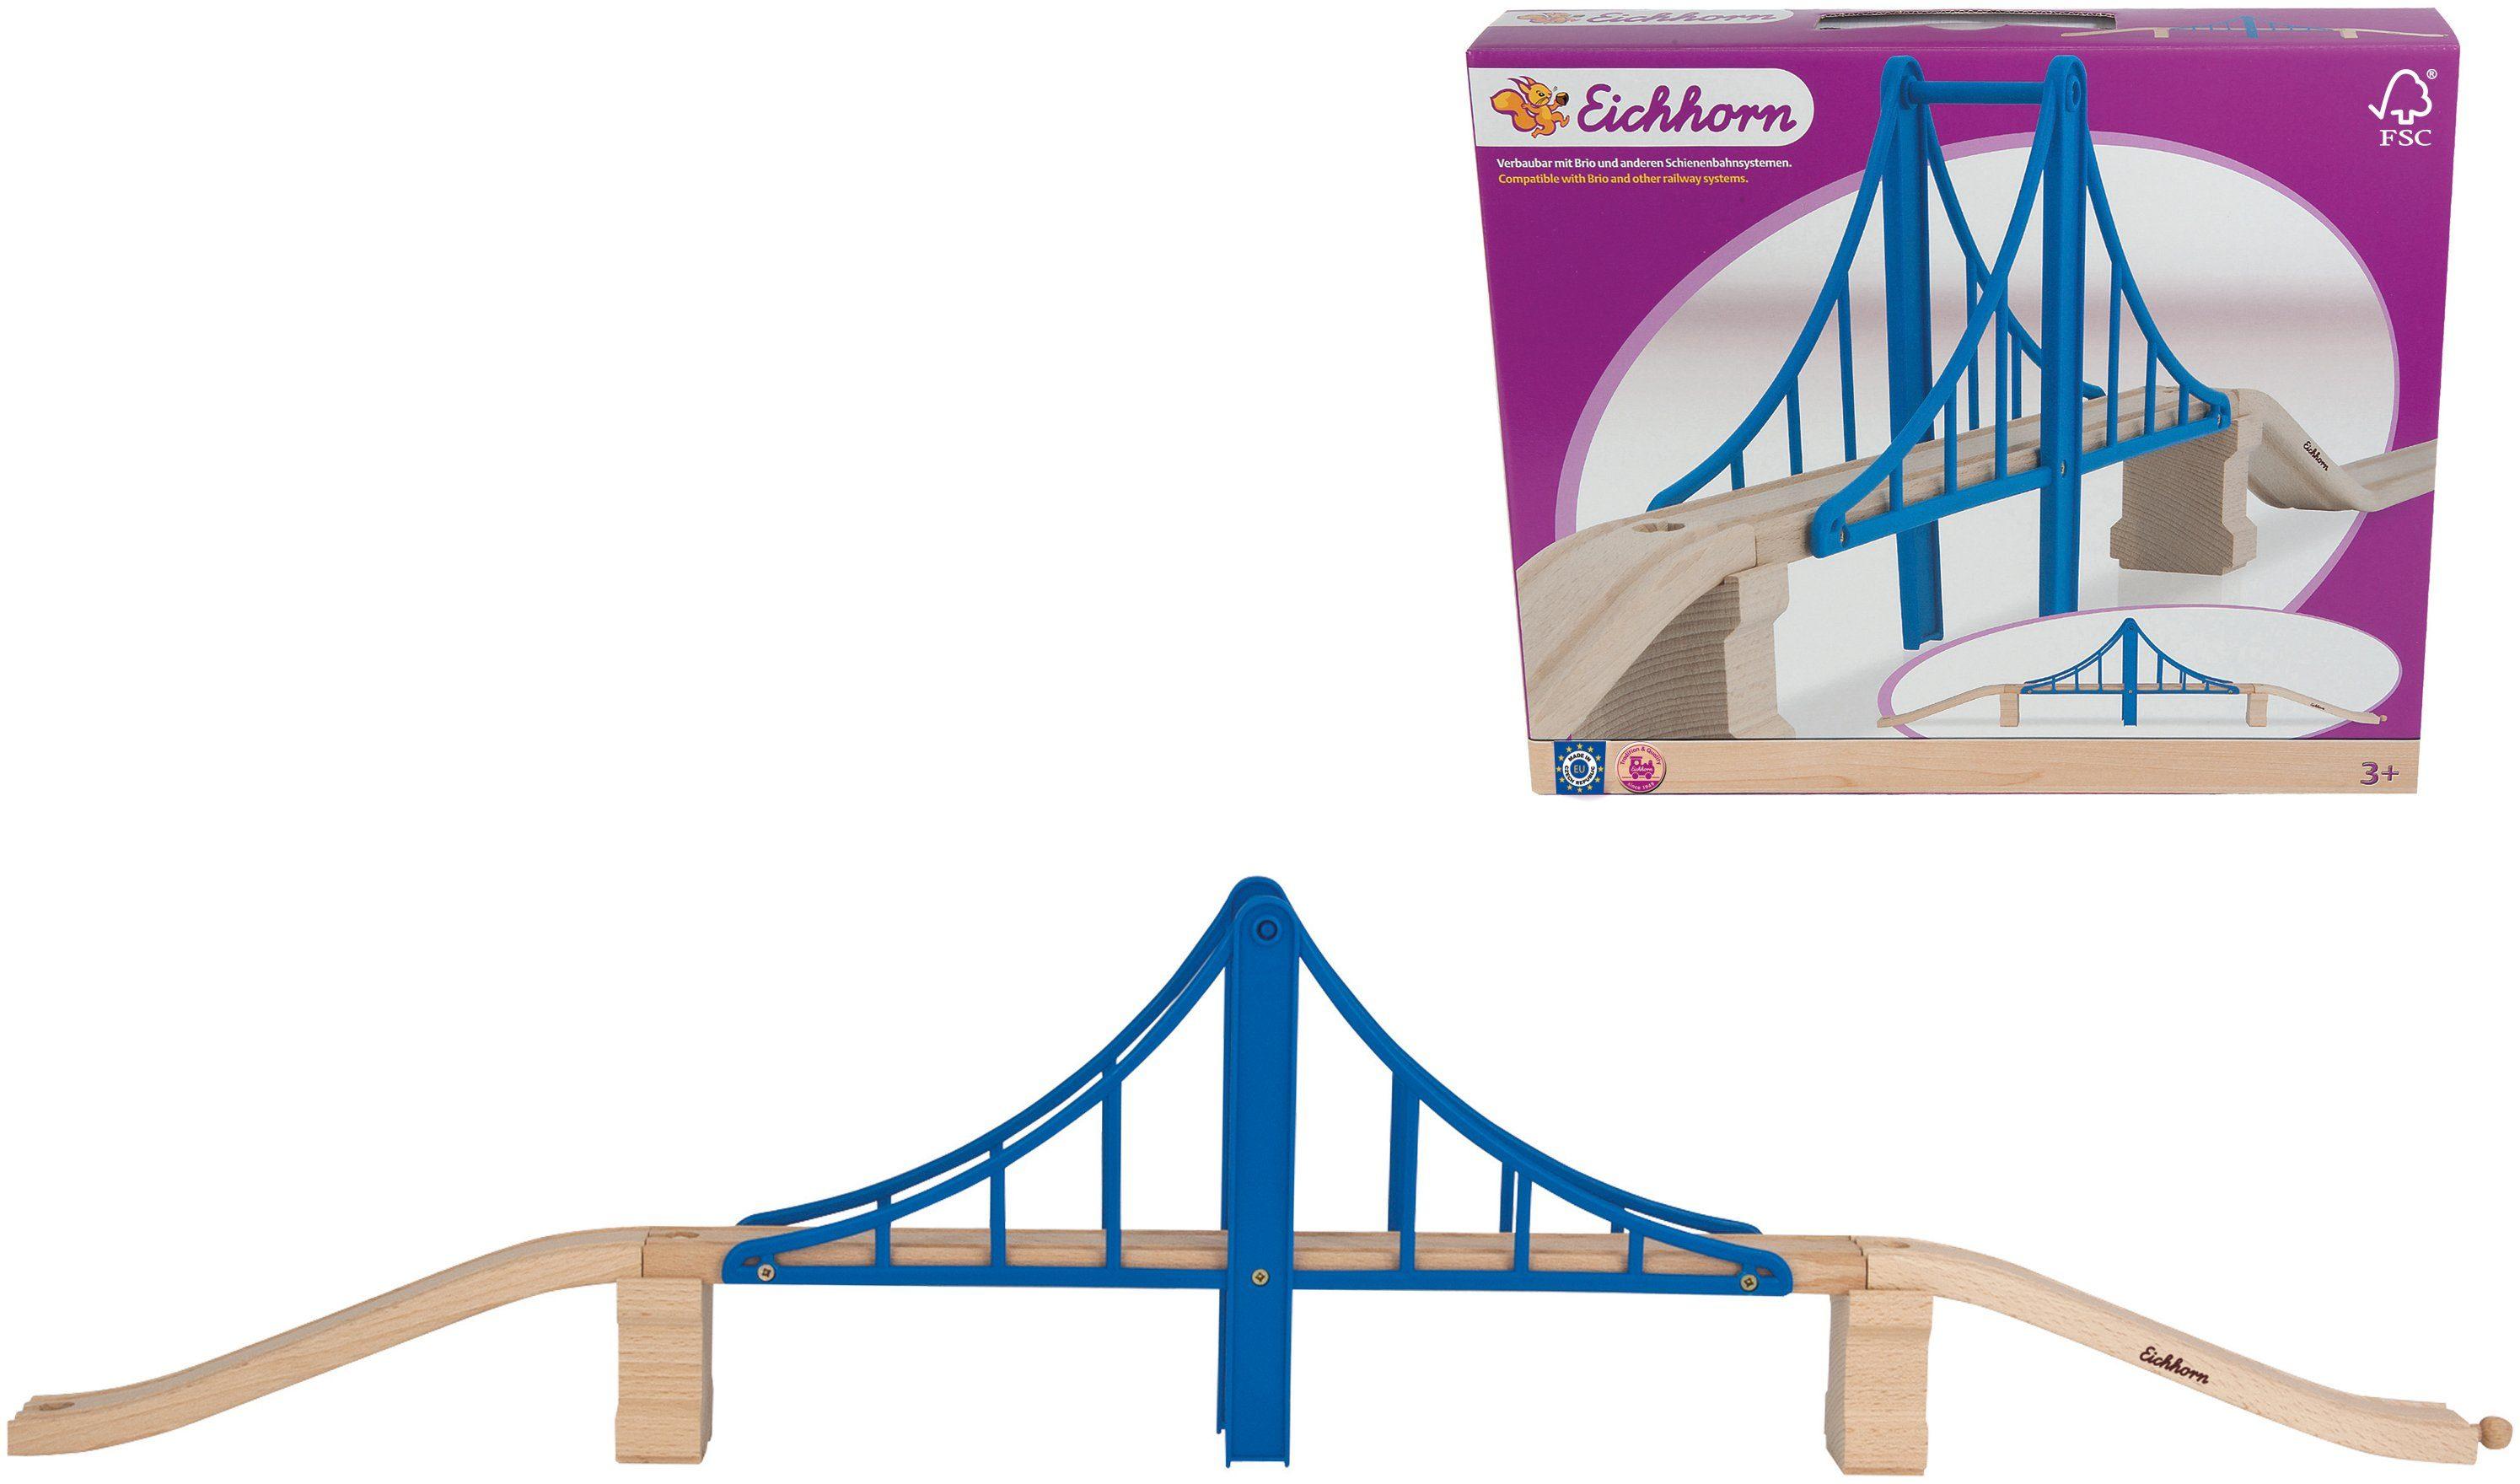 Eichhorn Erweiterung für Holzschienenbahn, »Hängebrücke, 5tlg.«